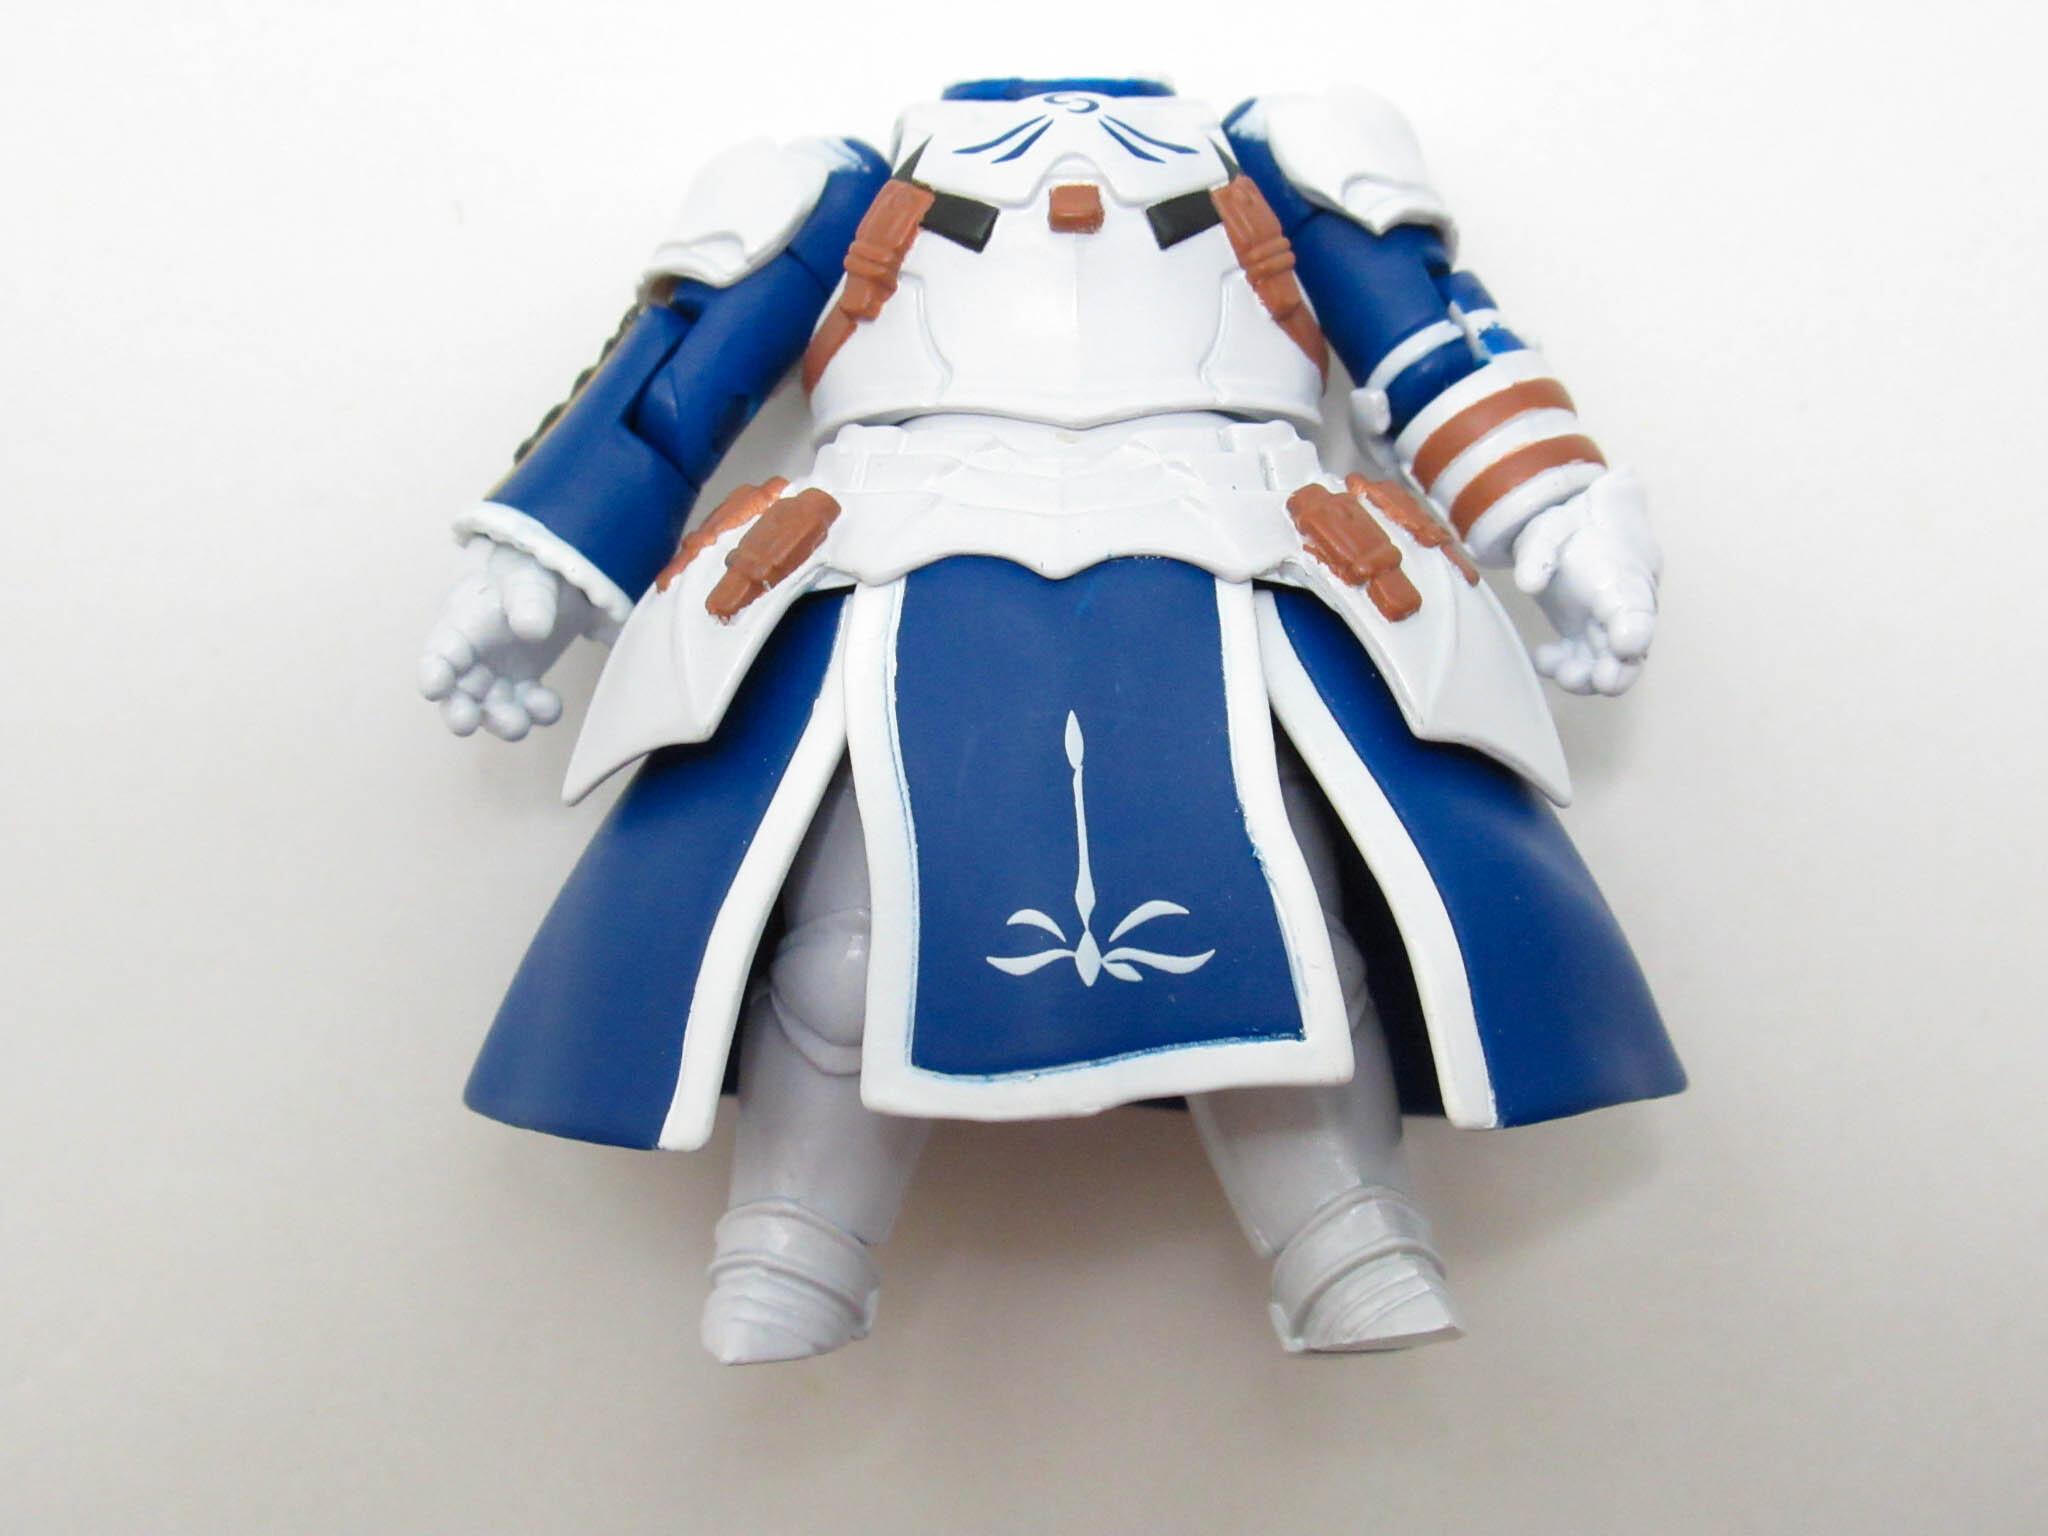 【842DX】 セイバー(プロトタイプ)霊基再臨 Ver. 体パーツ 鎧 ねんどろいど